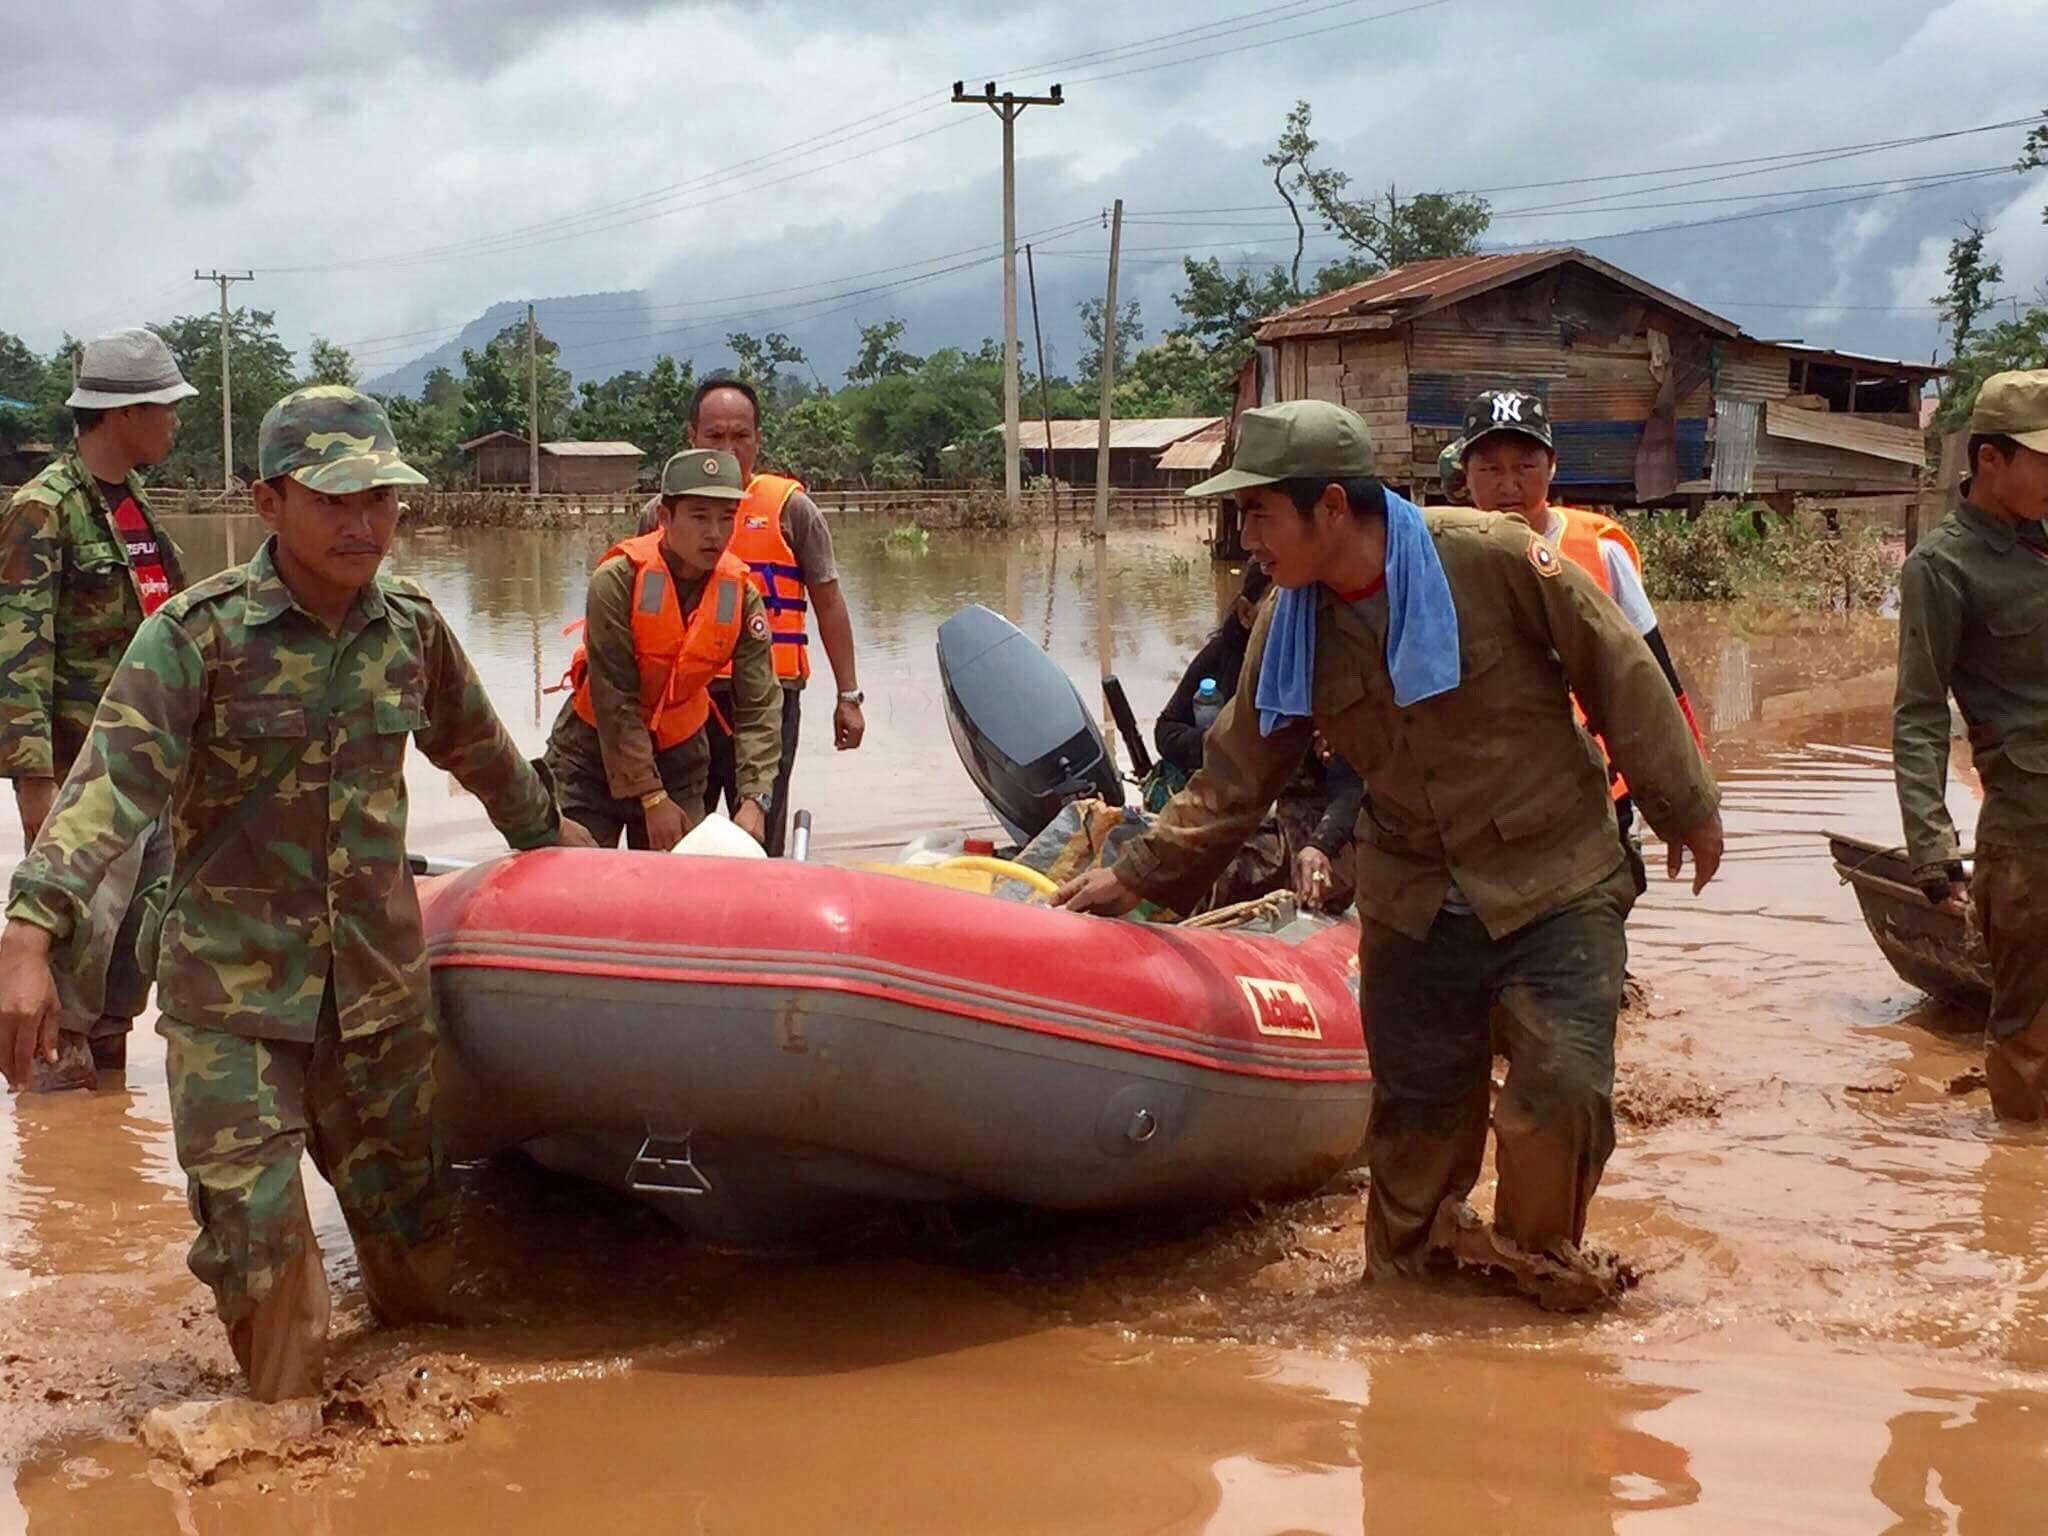 Vỡ đập thủy điện Lào: Cận cảnh công tác cứu hộ tại nơi cơn lũ vừa càn quét - Ảnh 1